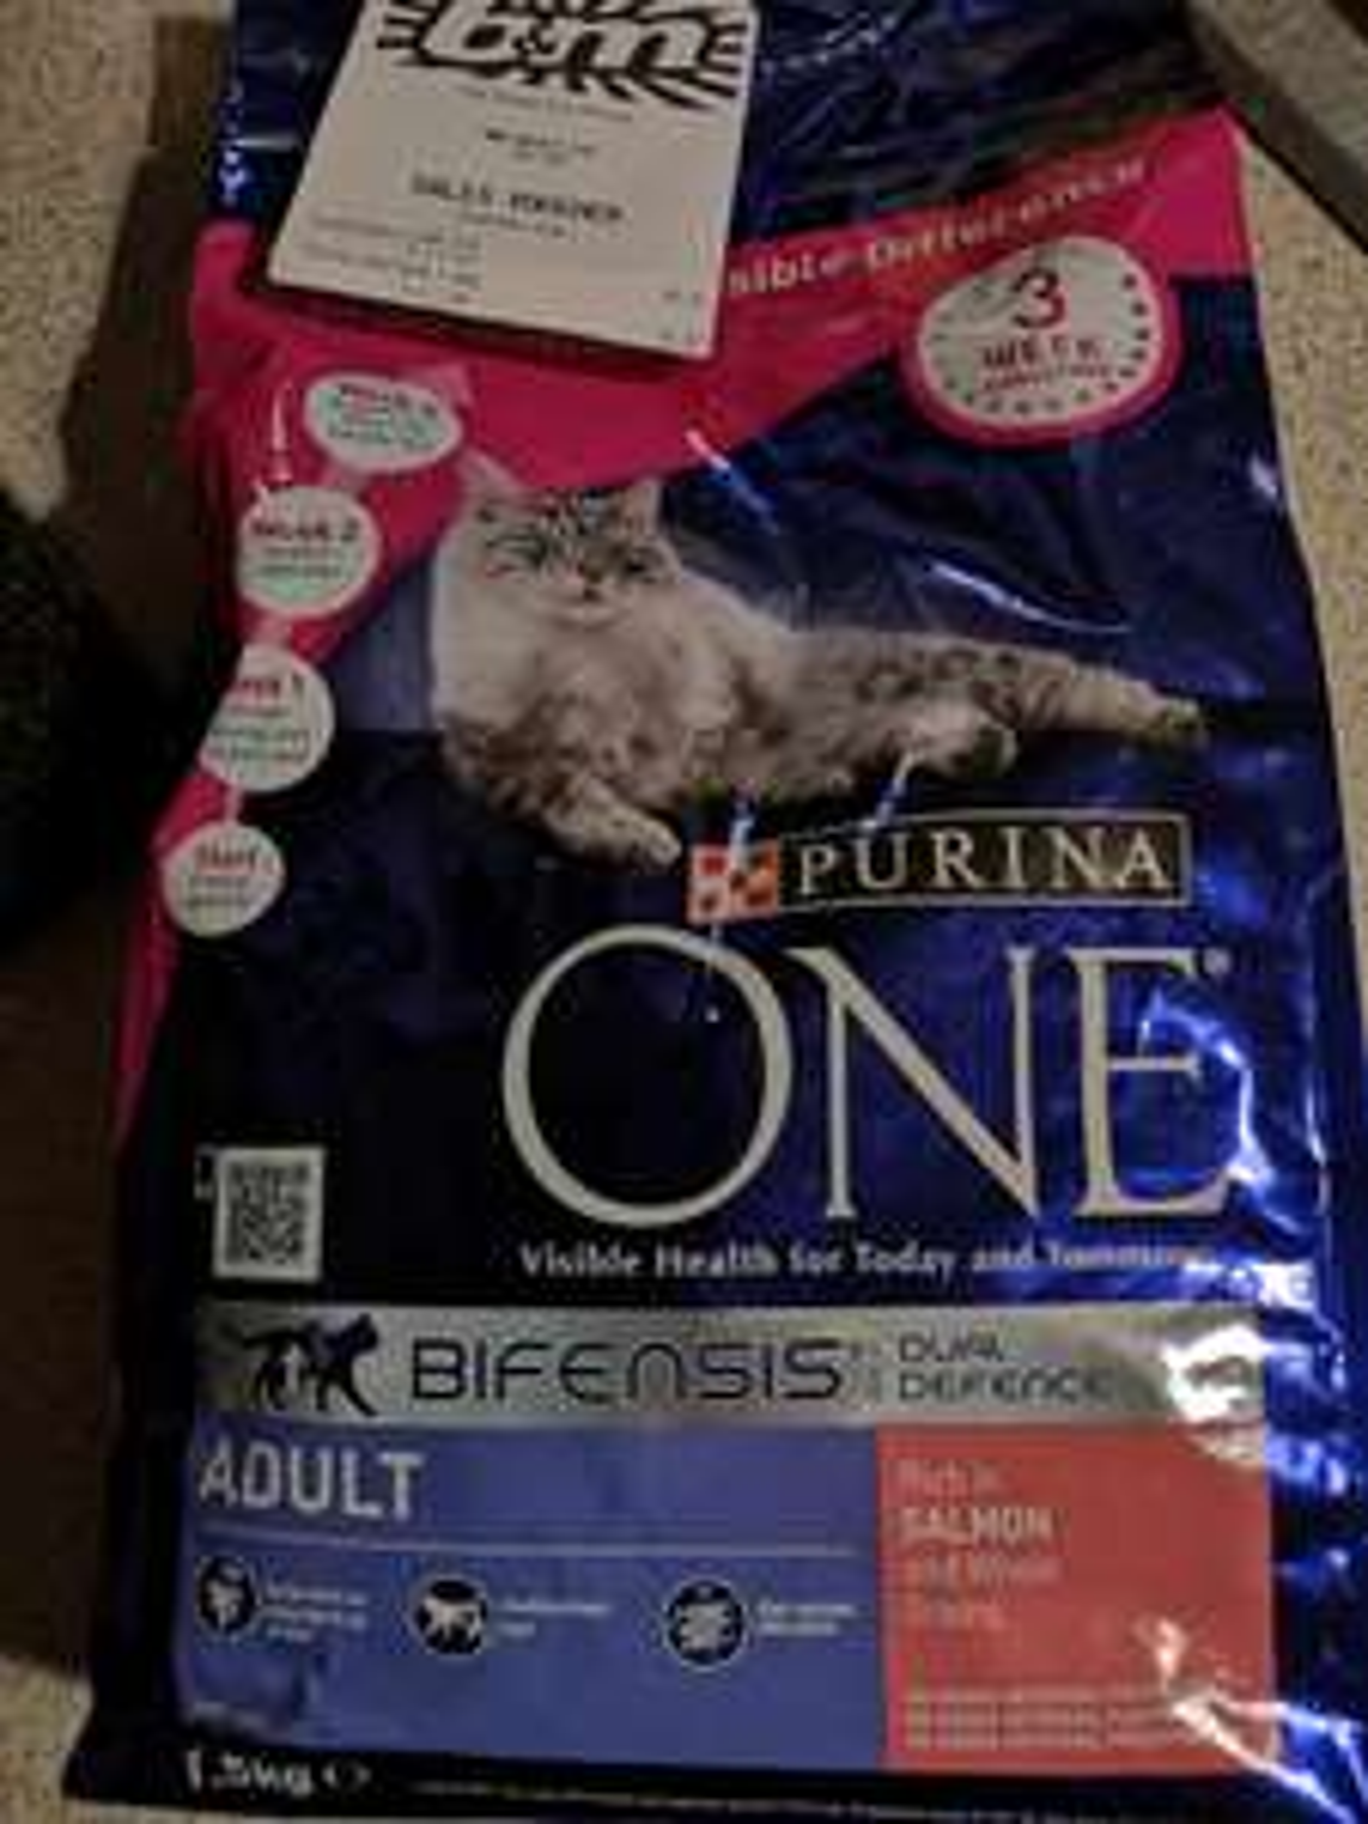 Purina One Bifensis Cat Food 1.5kg - £1 in B&M